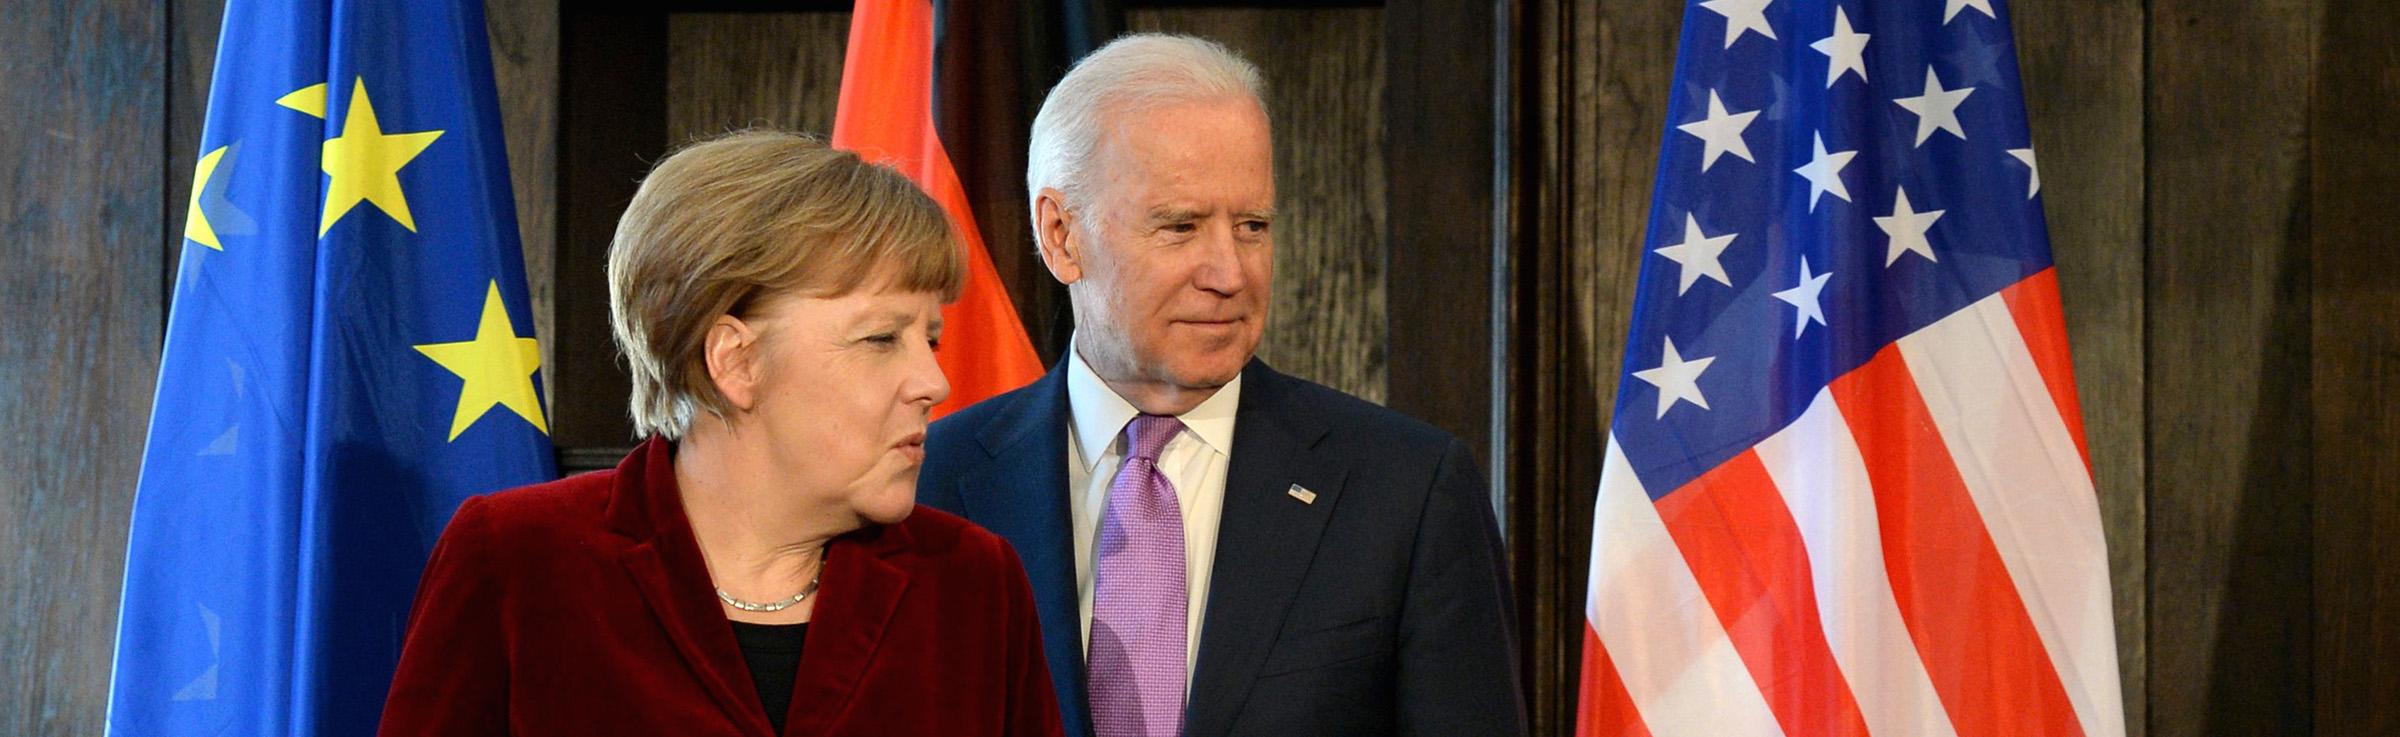 La Chancelière allemande Angela Merkel reçoit Joe Biden, alors vice-président américain, à Munich le 7 février 2015. (Source : Time)